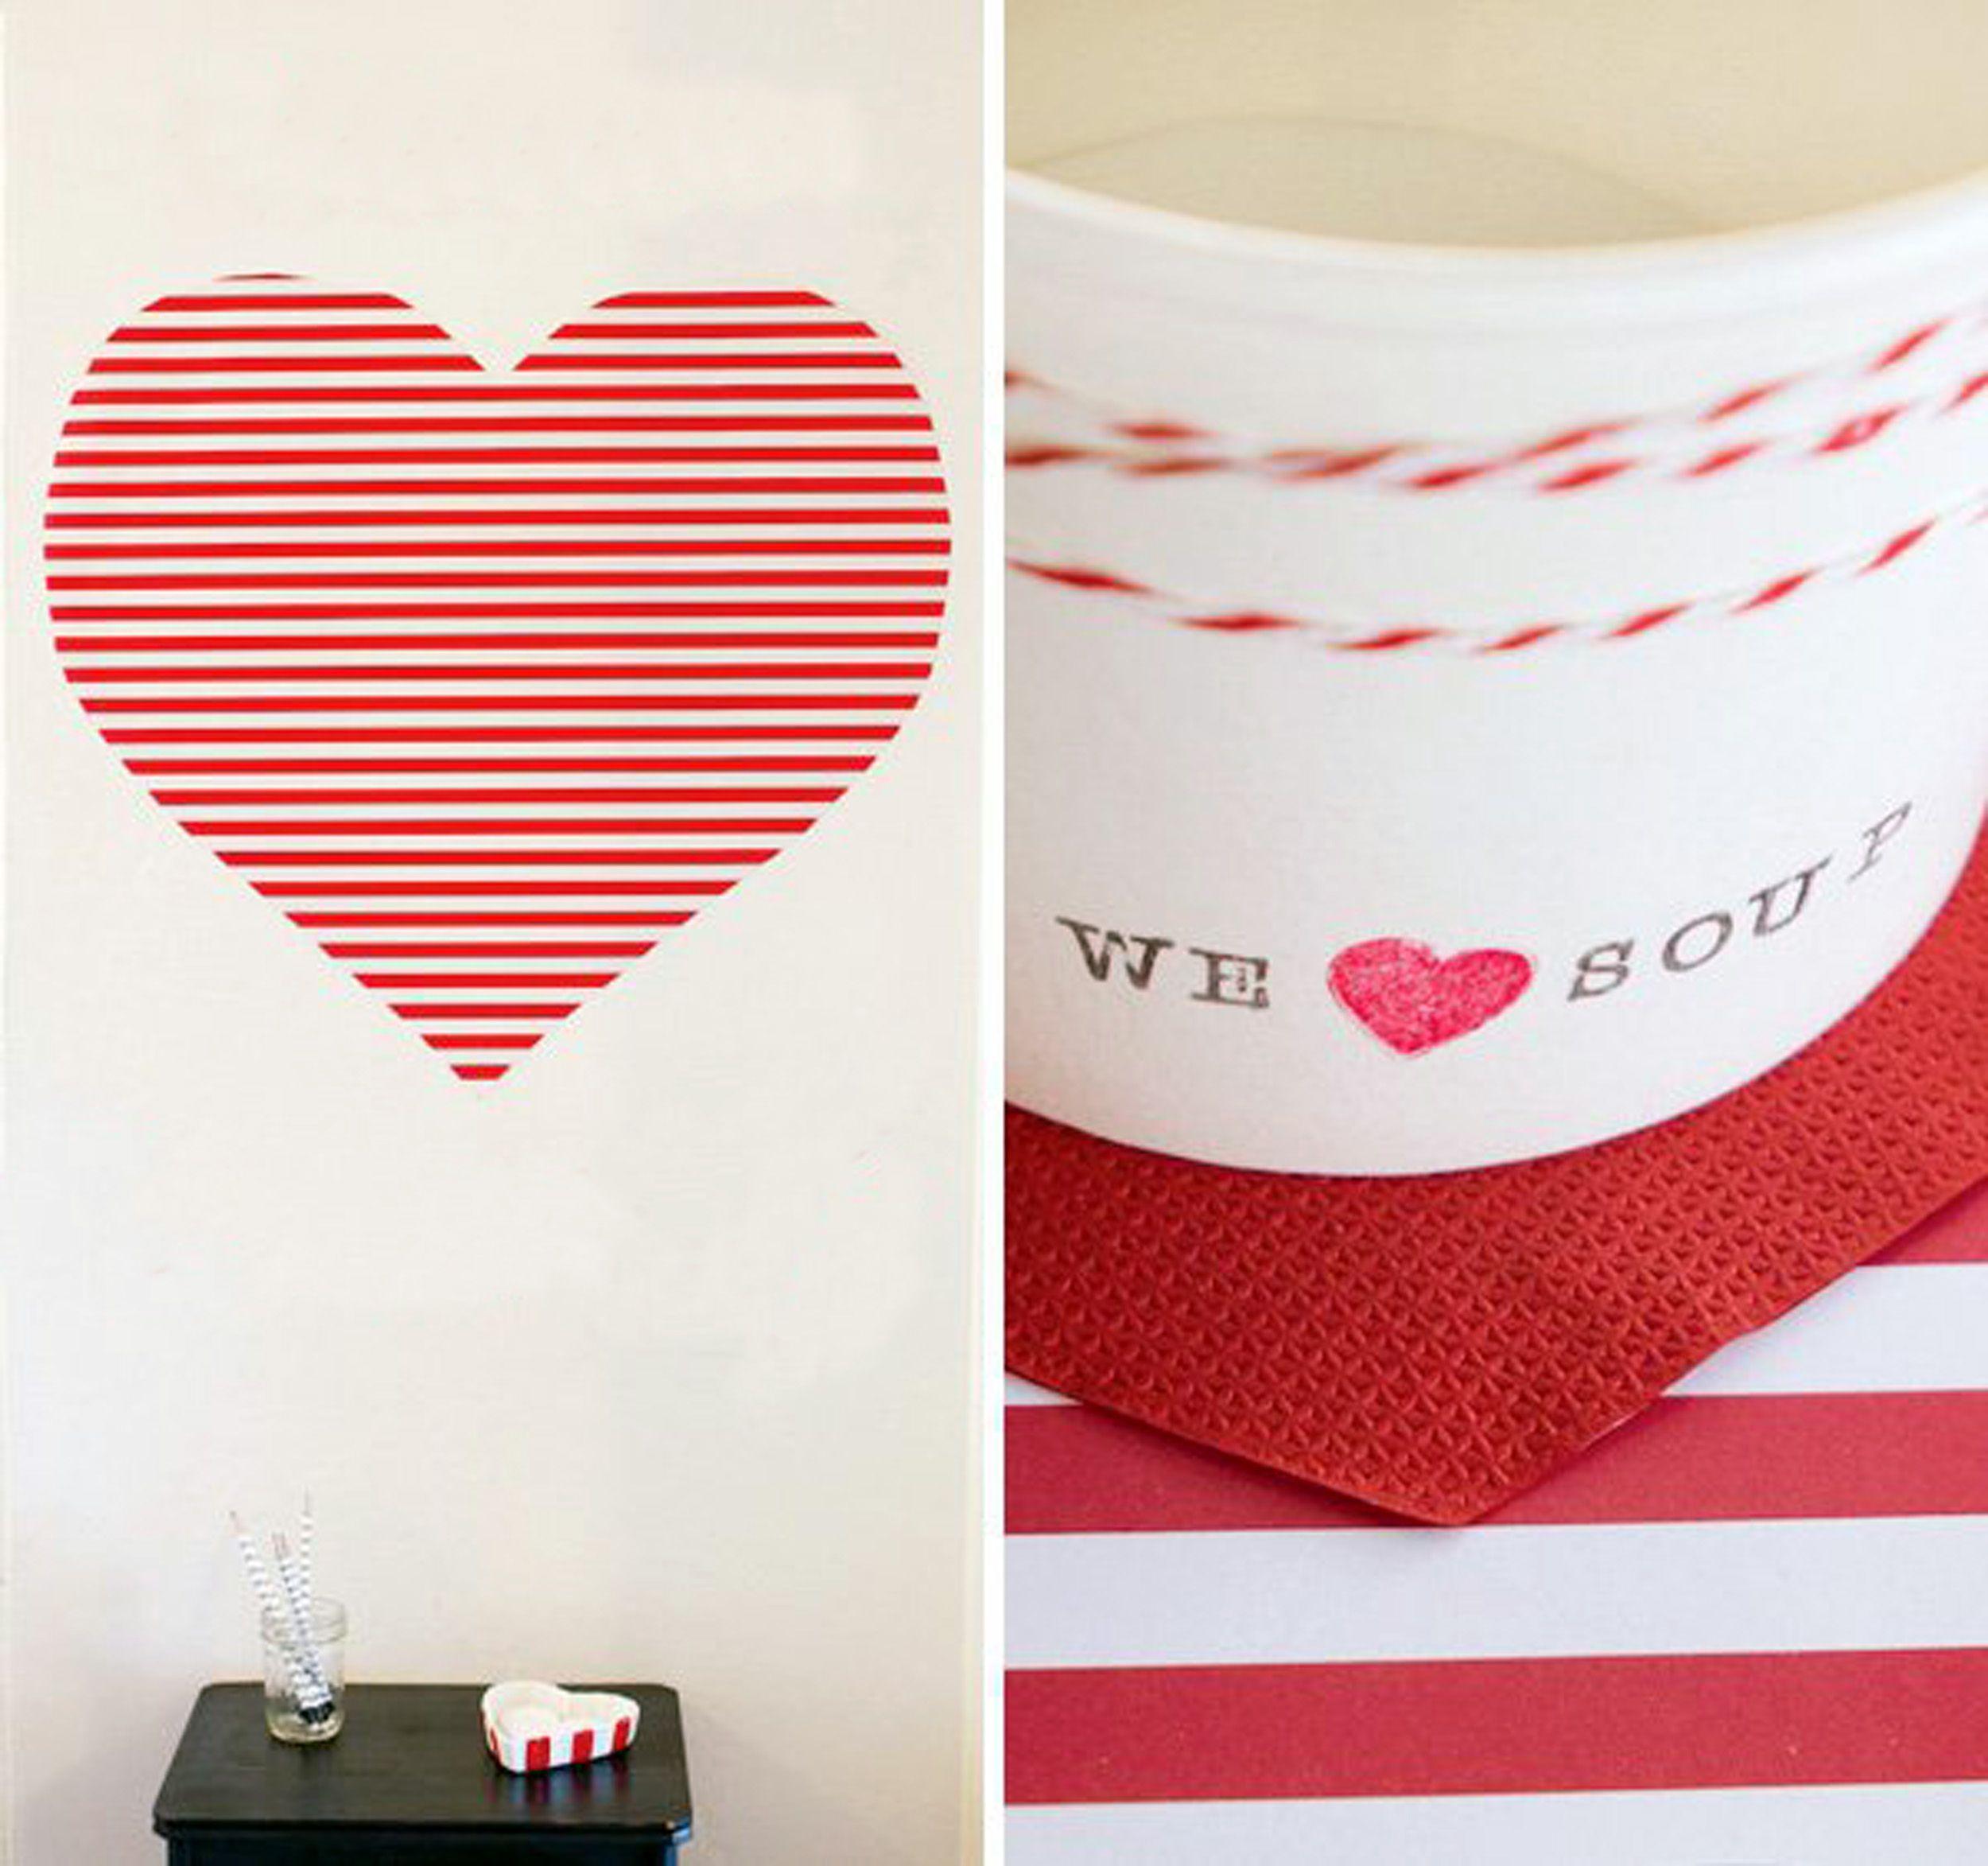 Fantastisch Valentinstag Bilder Zu Färben Bilder - Druckbare ...